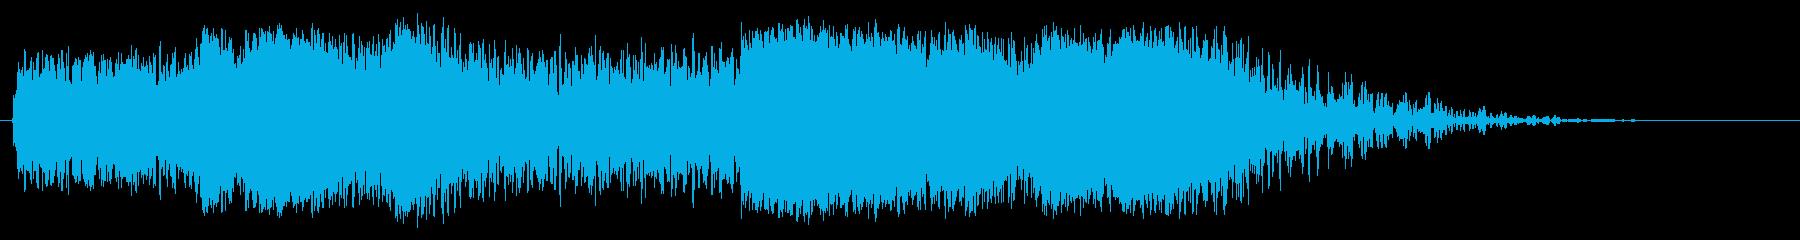 大型タンブリングメタルクラッシュメ...の再生済みの波形